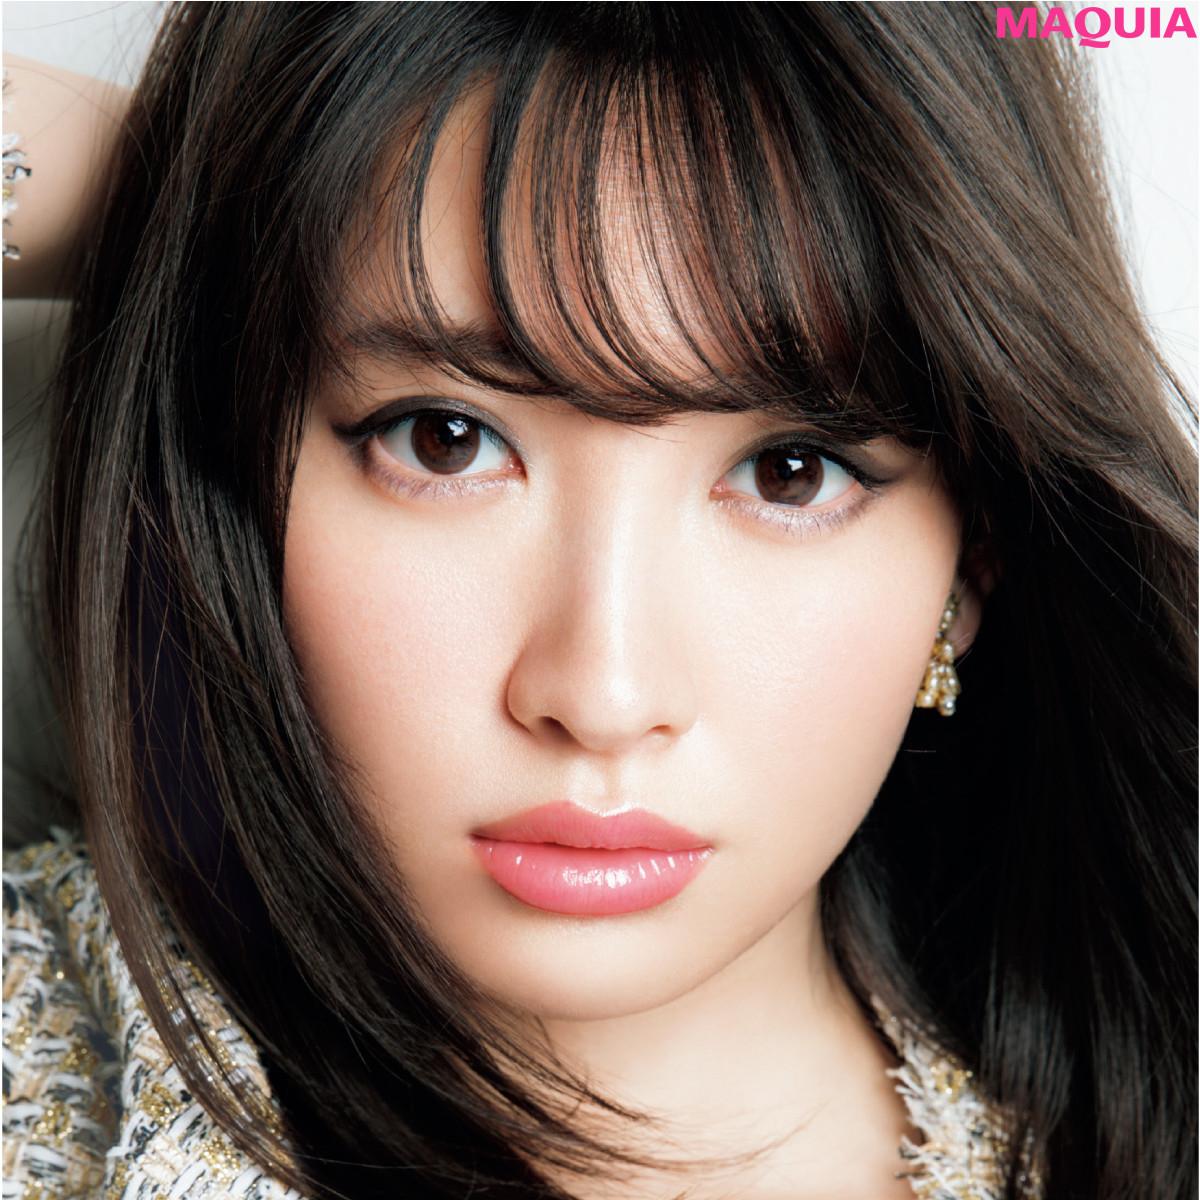 マキア最新号の表紙は小嶋陽菜さん! 秋めく2つの表情をお届け